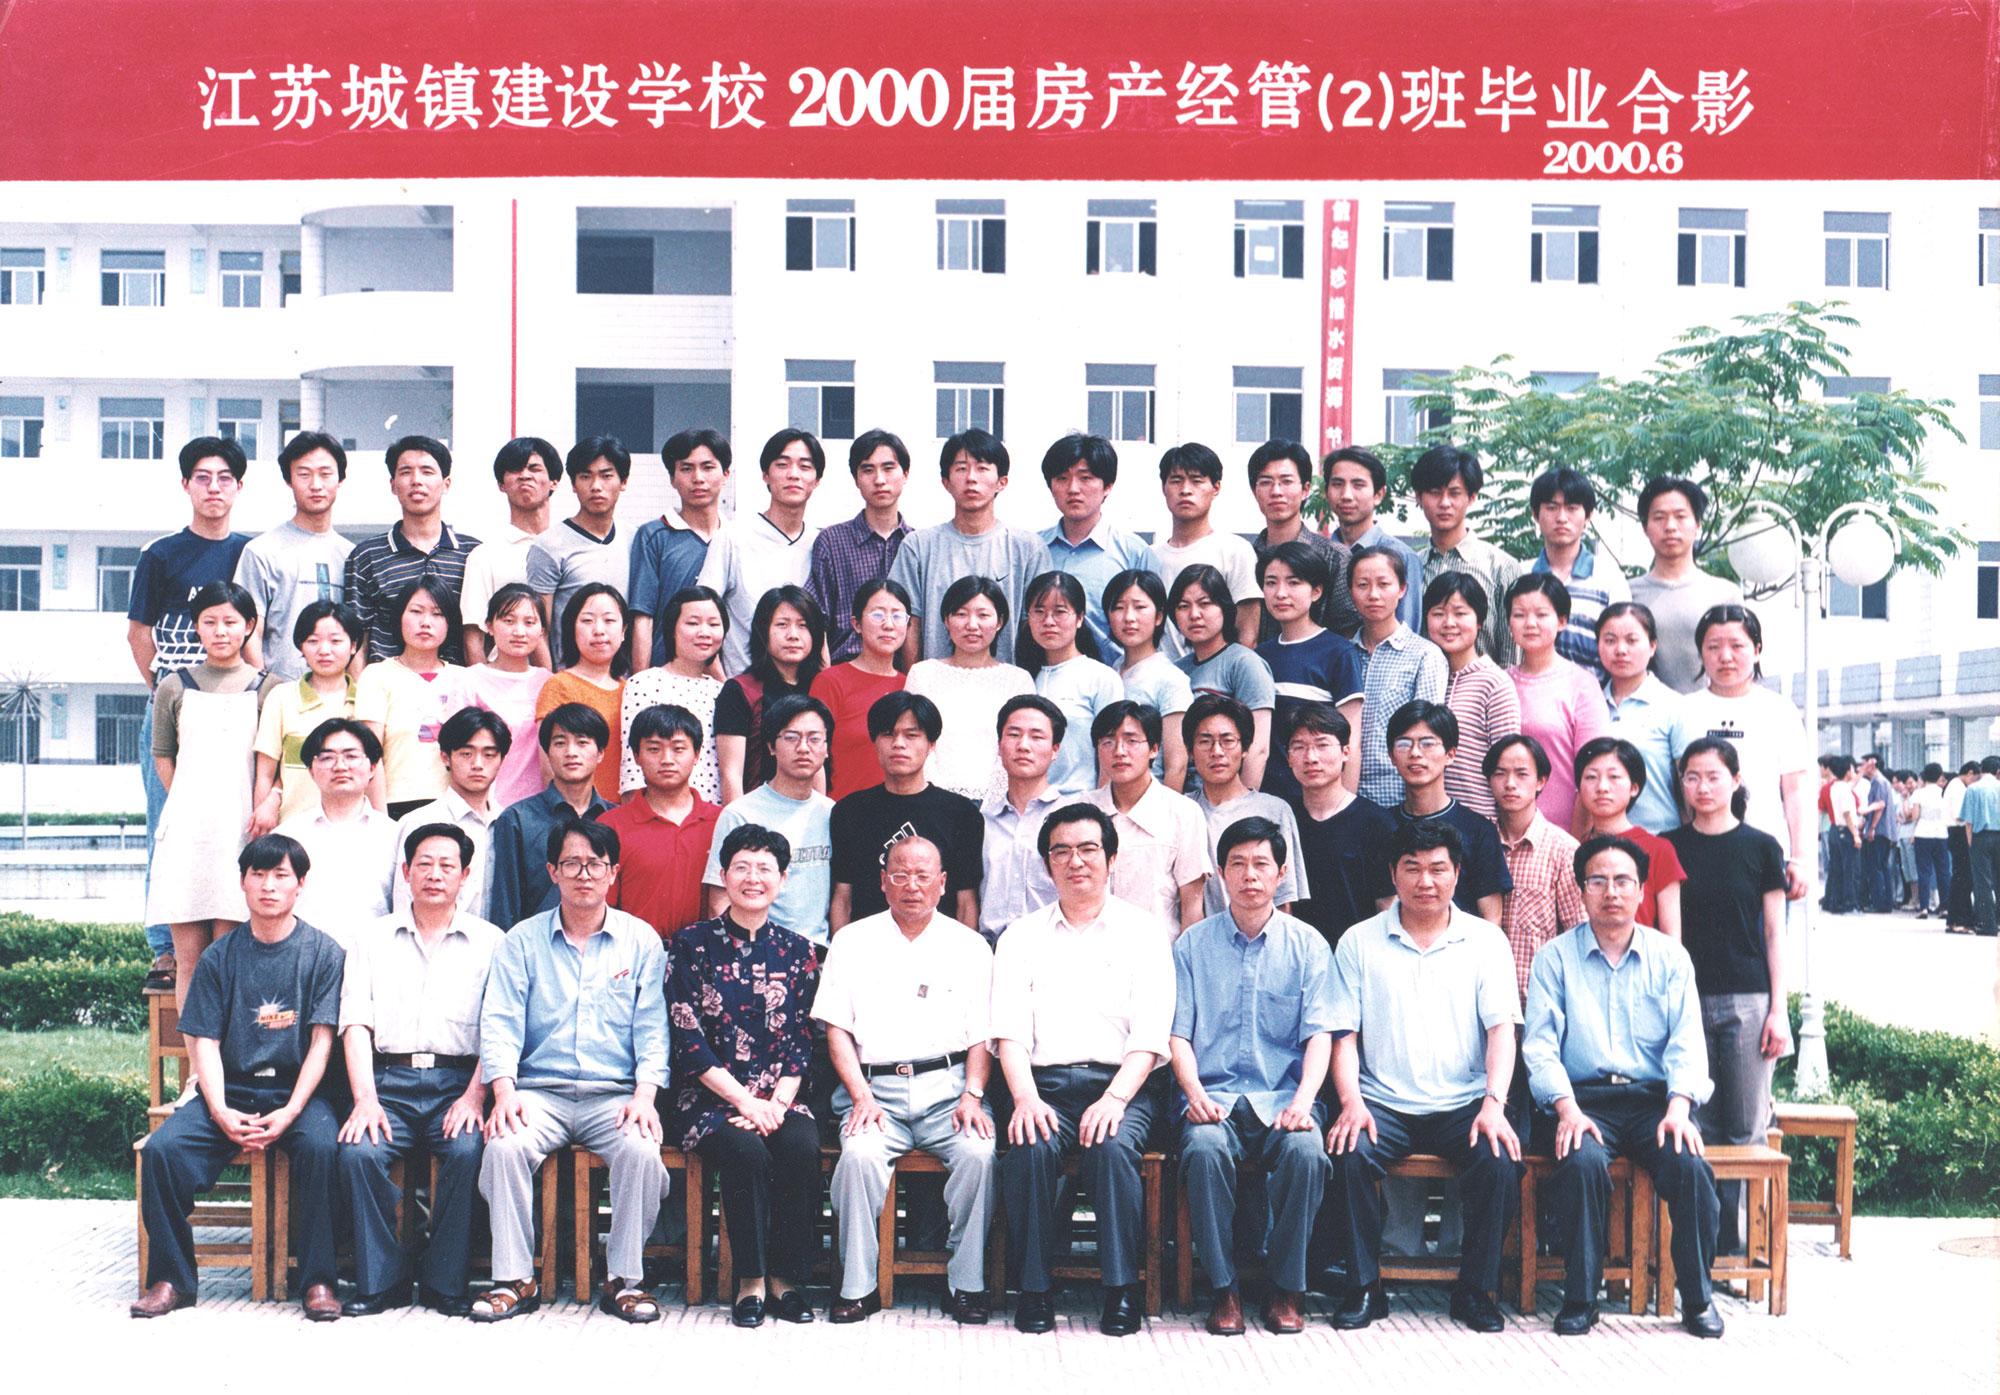 2000届房产经管(2)班毕业合影